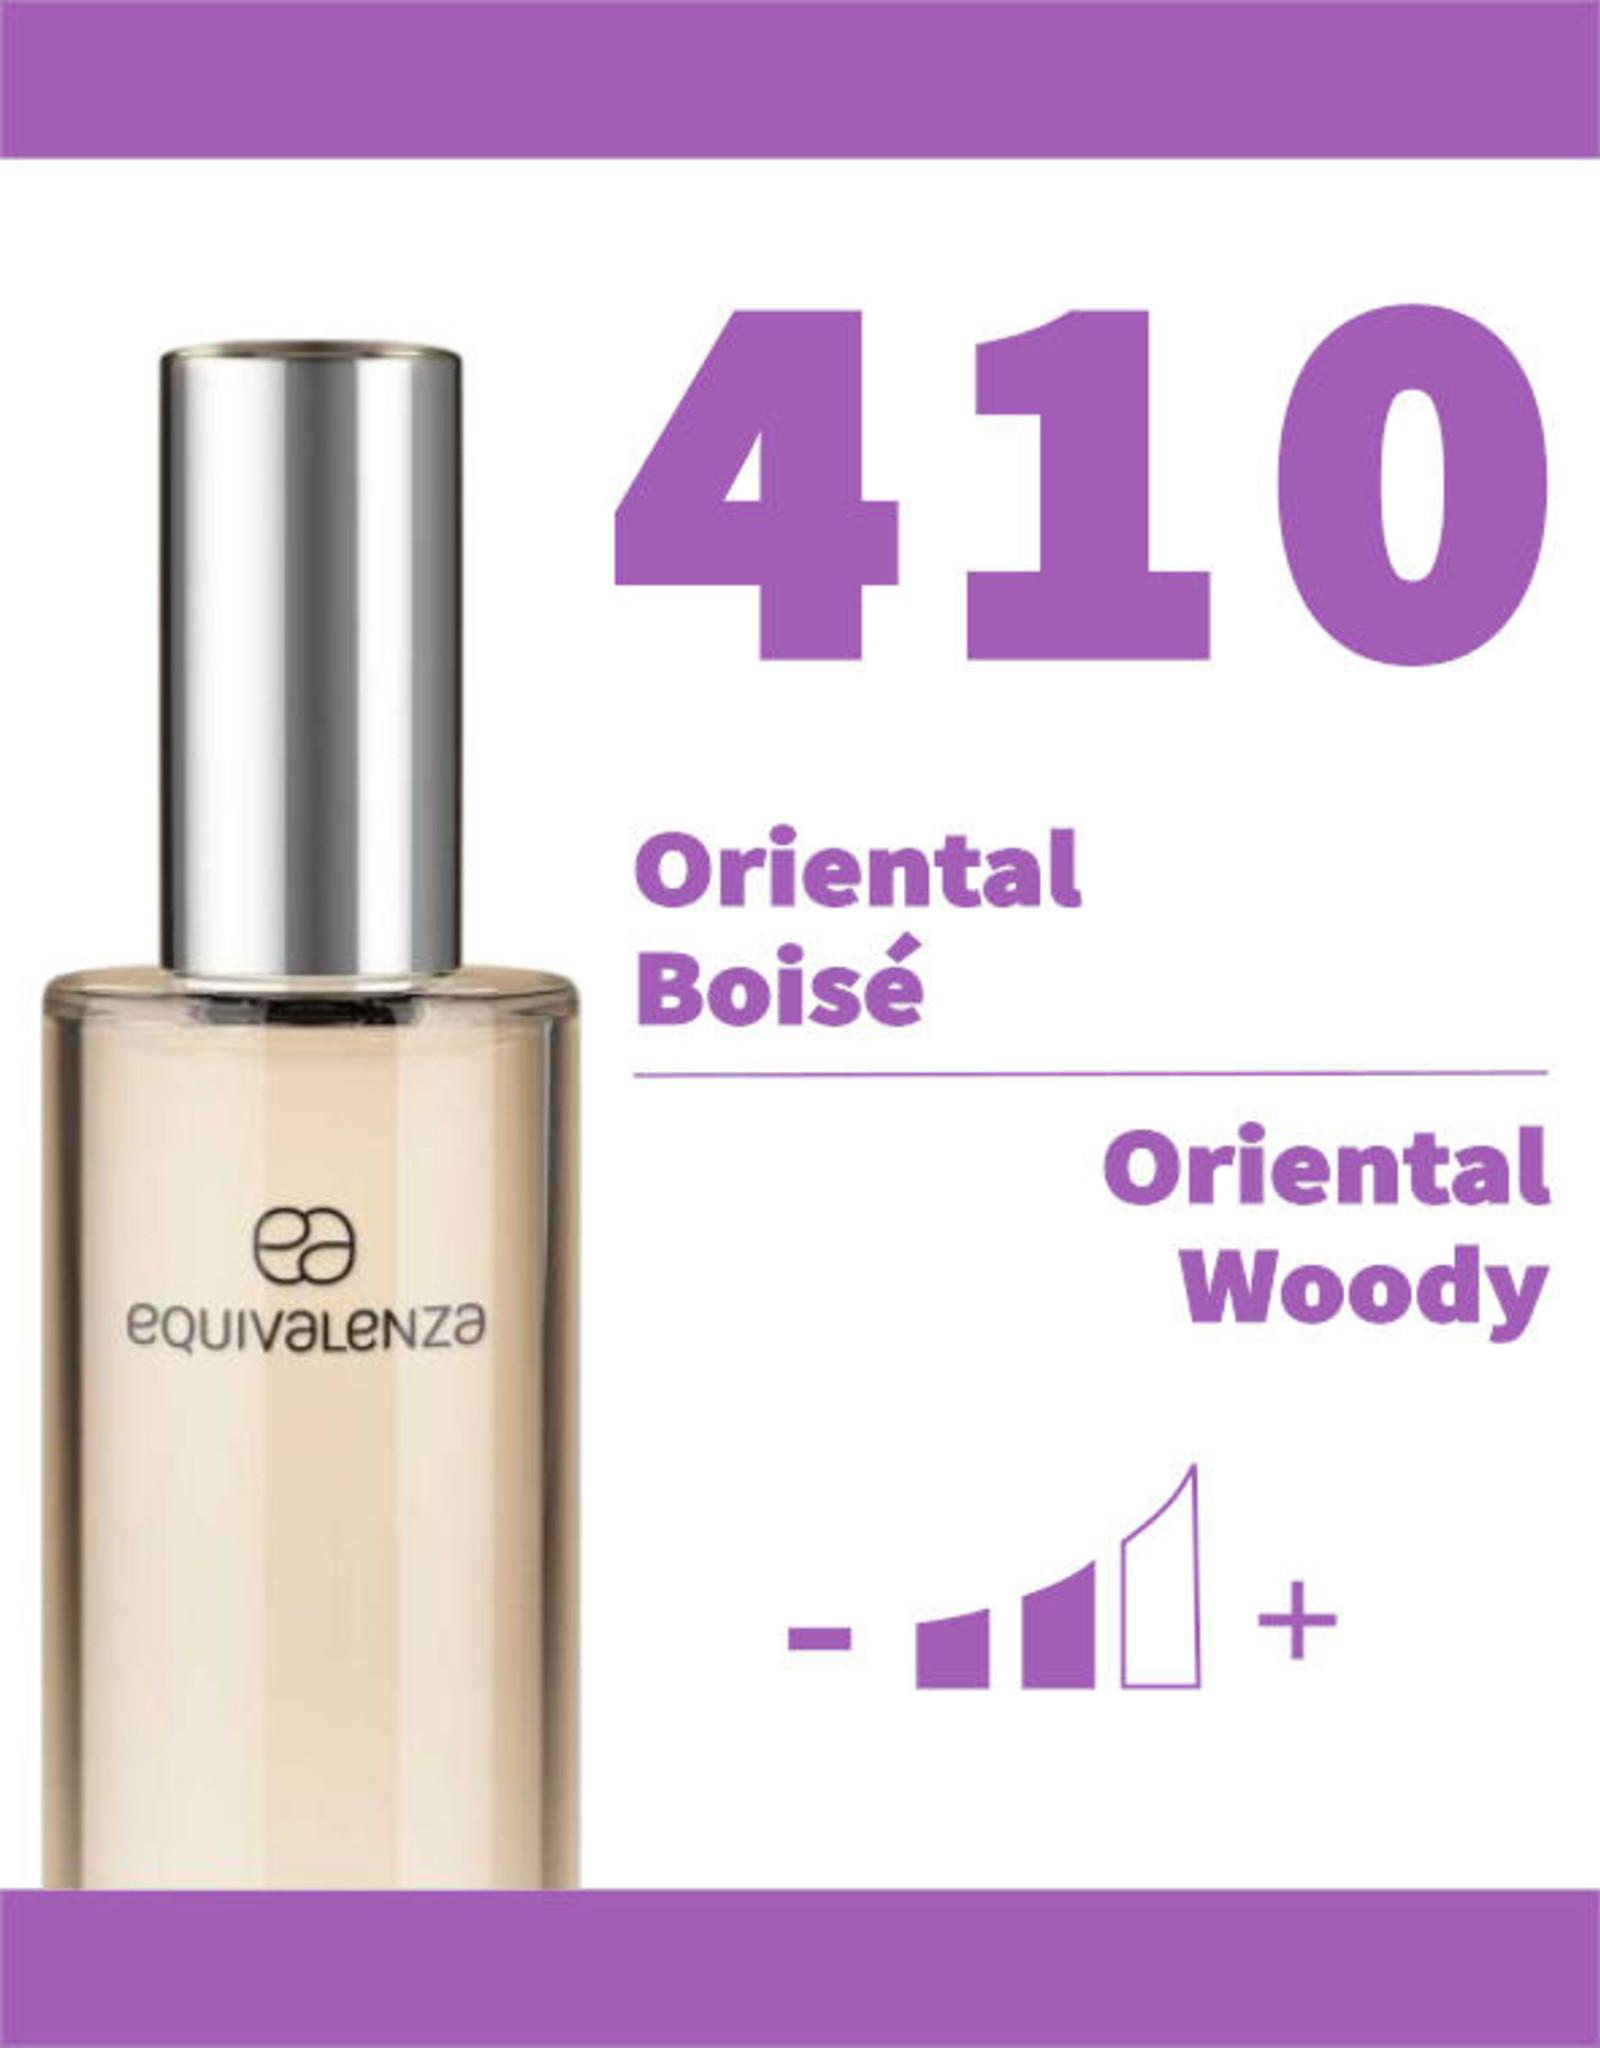 Equivalenza Eau de Parfum Oriental Boisé 410